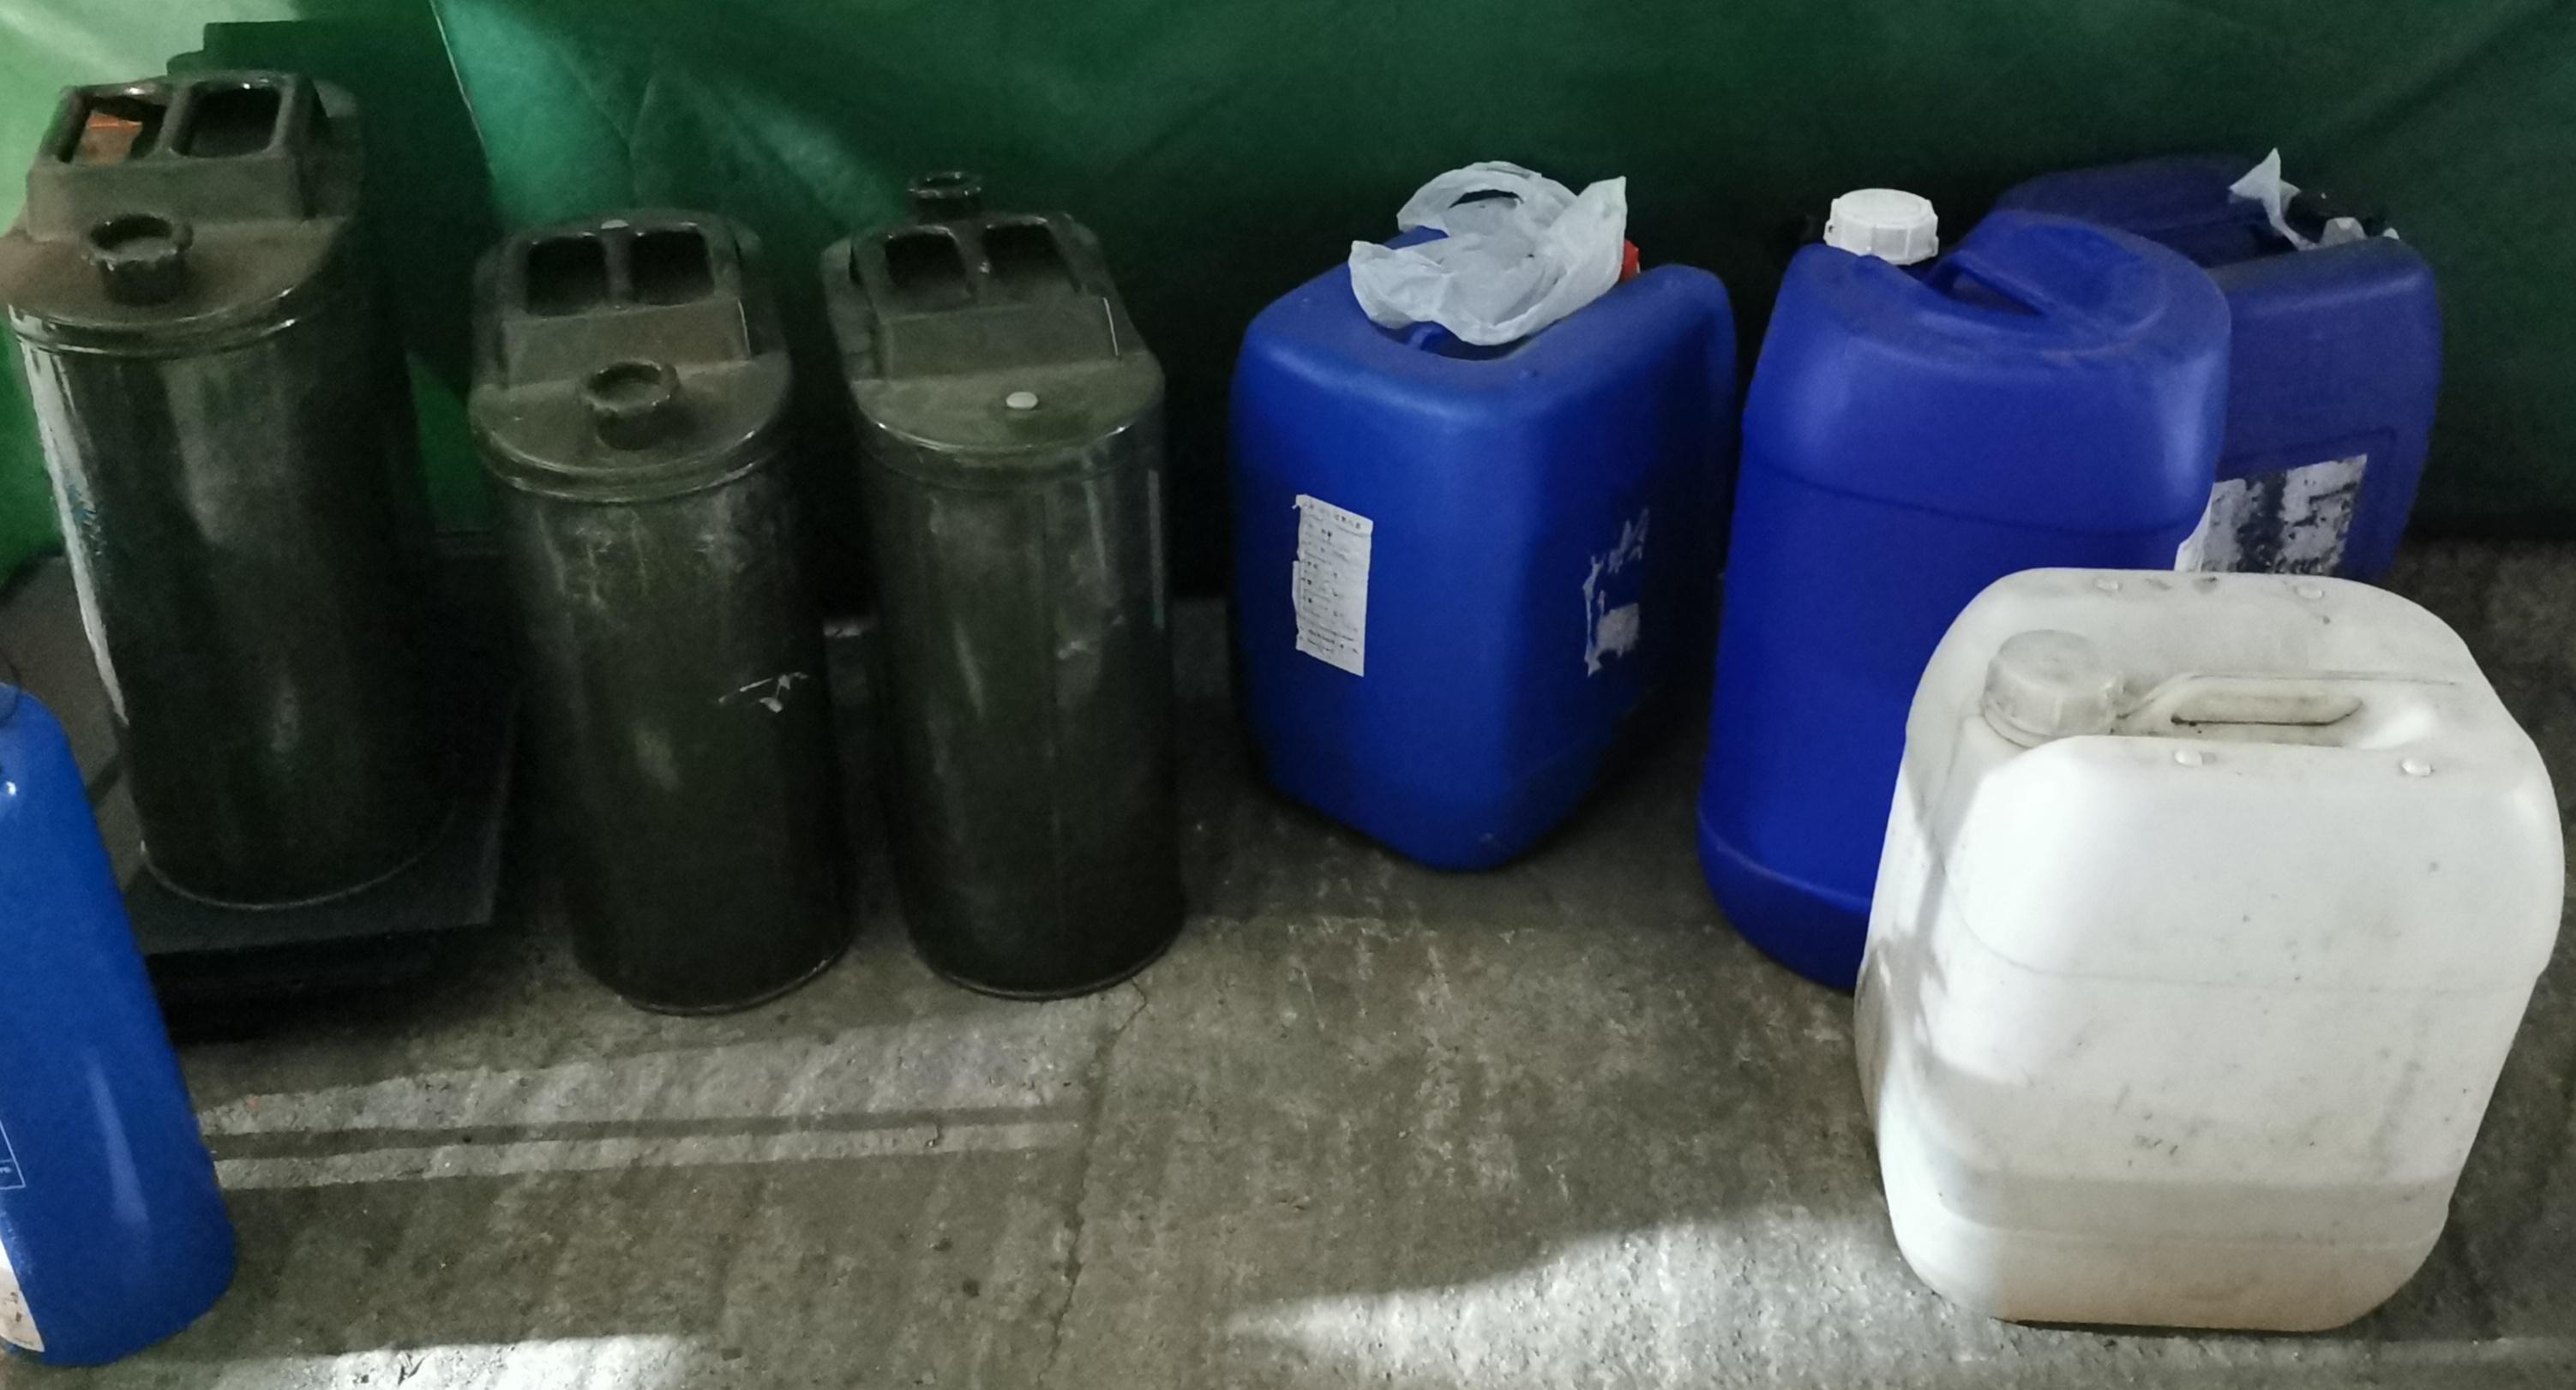 【修例風波】涉向酒家擲催淚彈 警拘38歲男橫洲破汽油彈廠